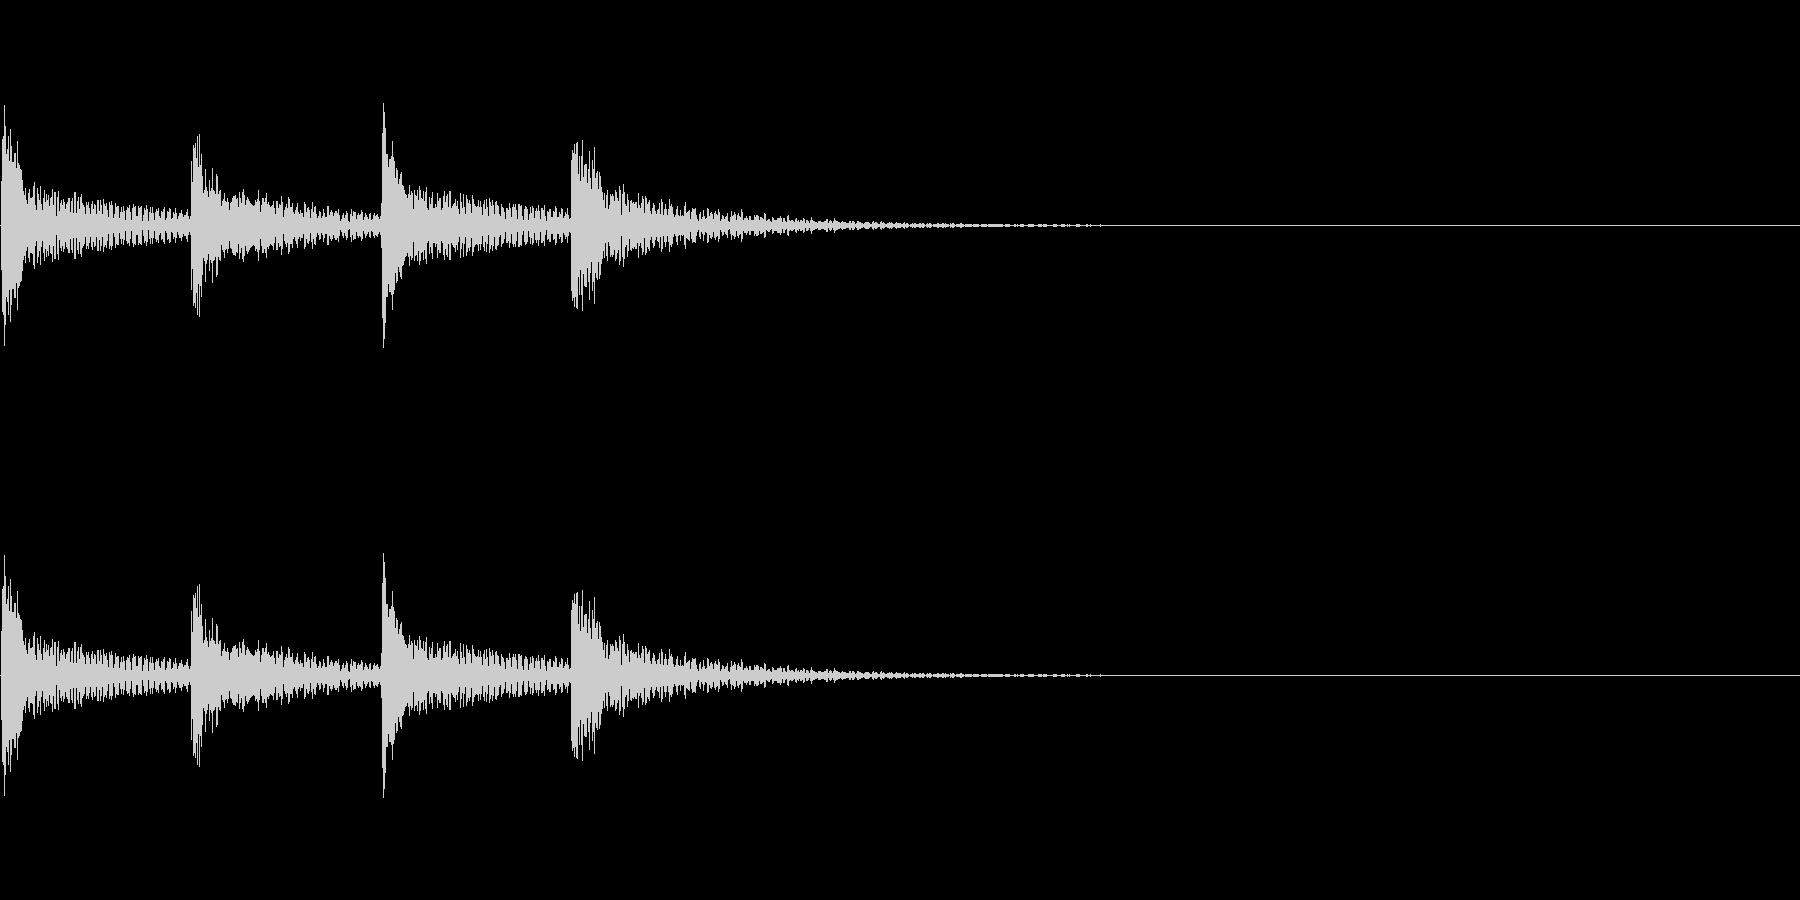 木琴 シンプルな着信音の未再生の波形